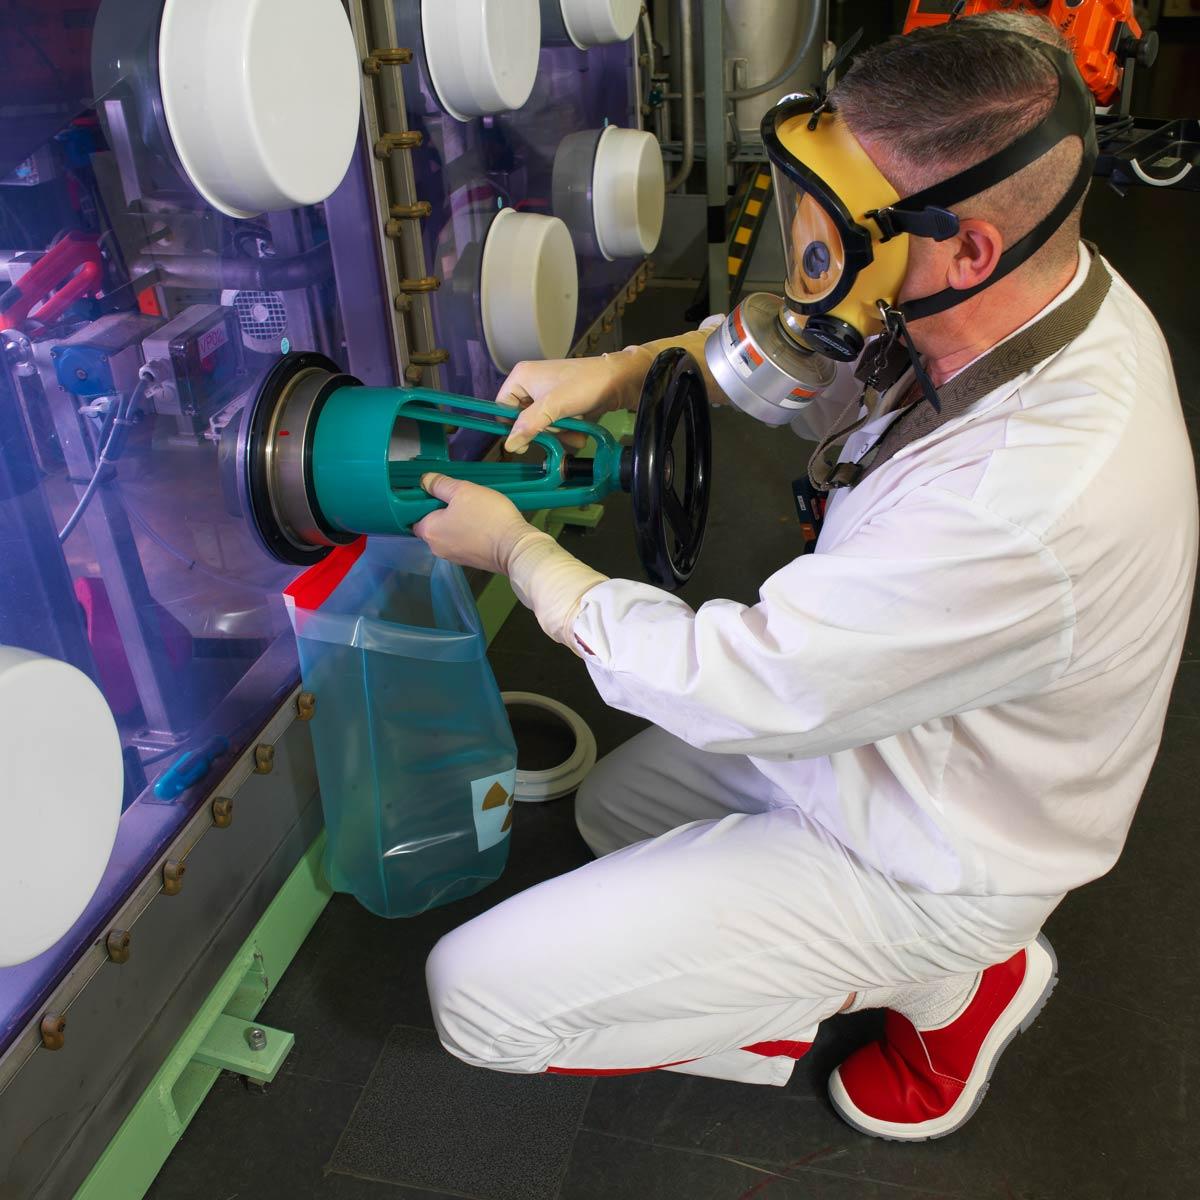 Bras articulés permettant de manipuler des matières radio-actives dans des cellules de plomb au CEA de Saclay